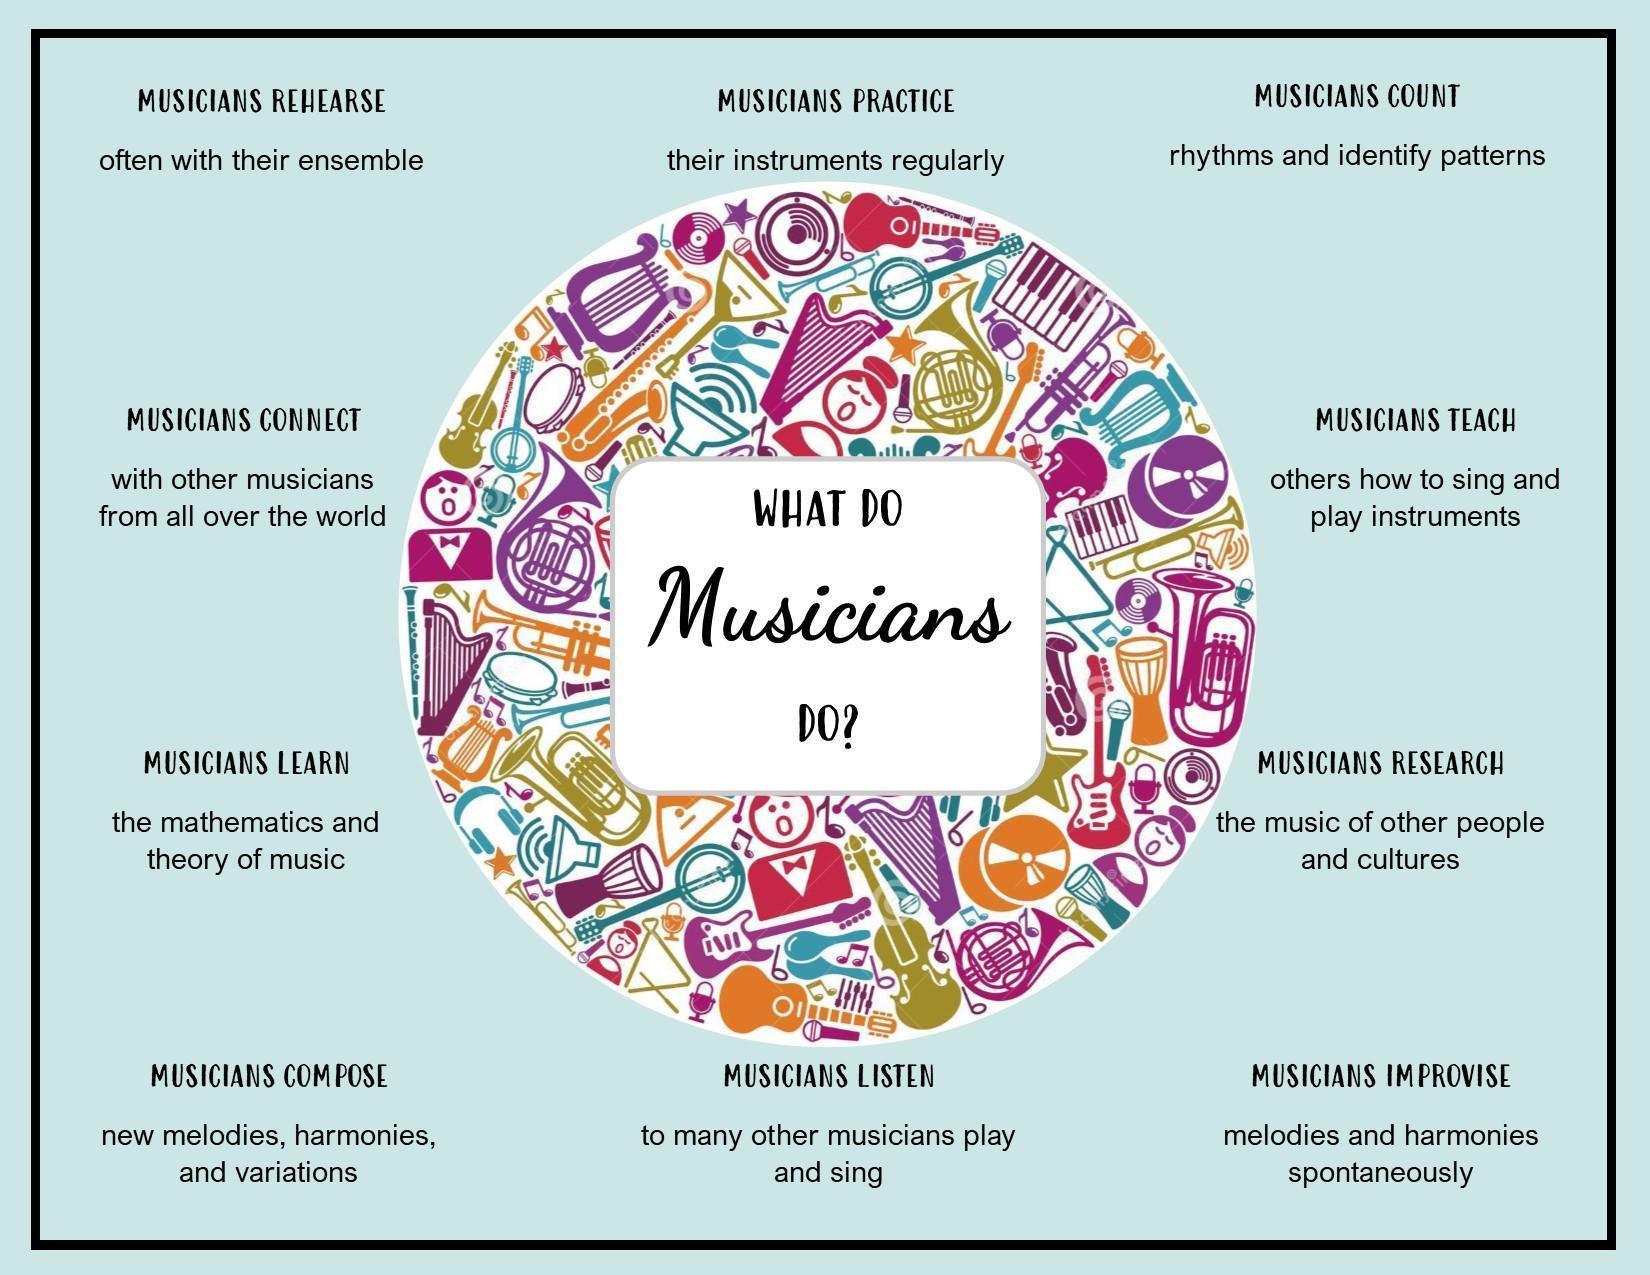 What Do Musicians Do?